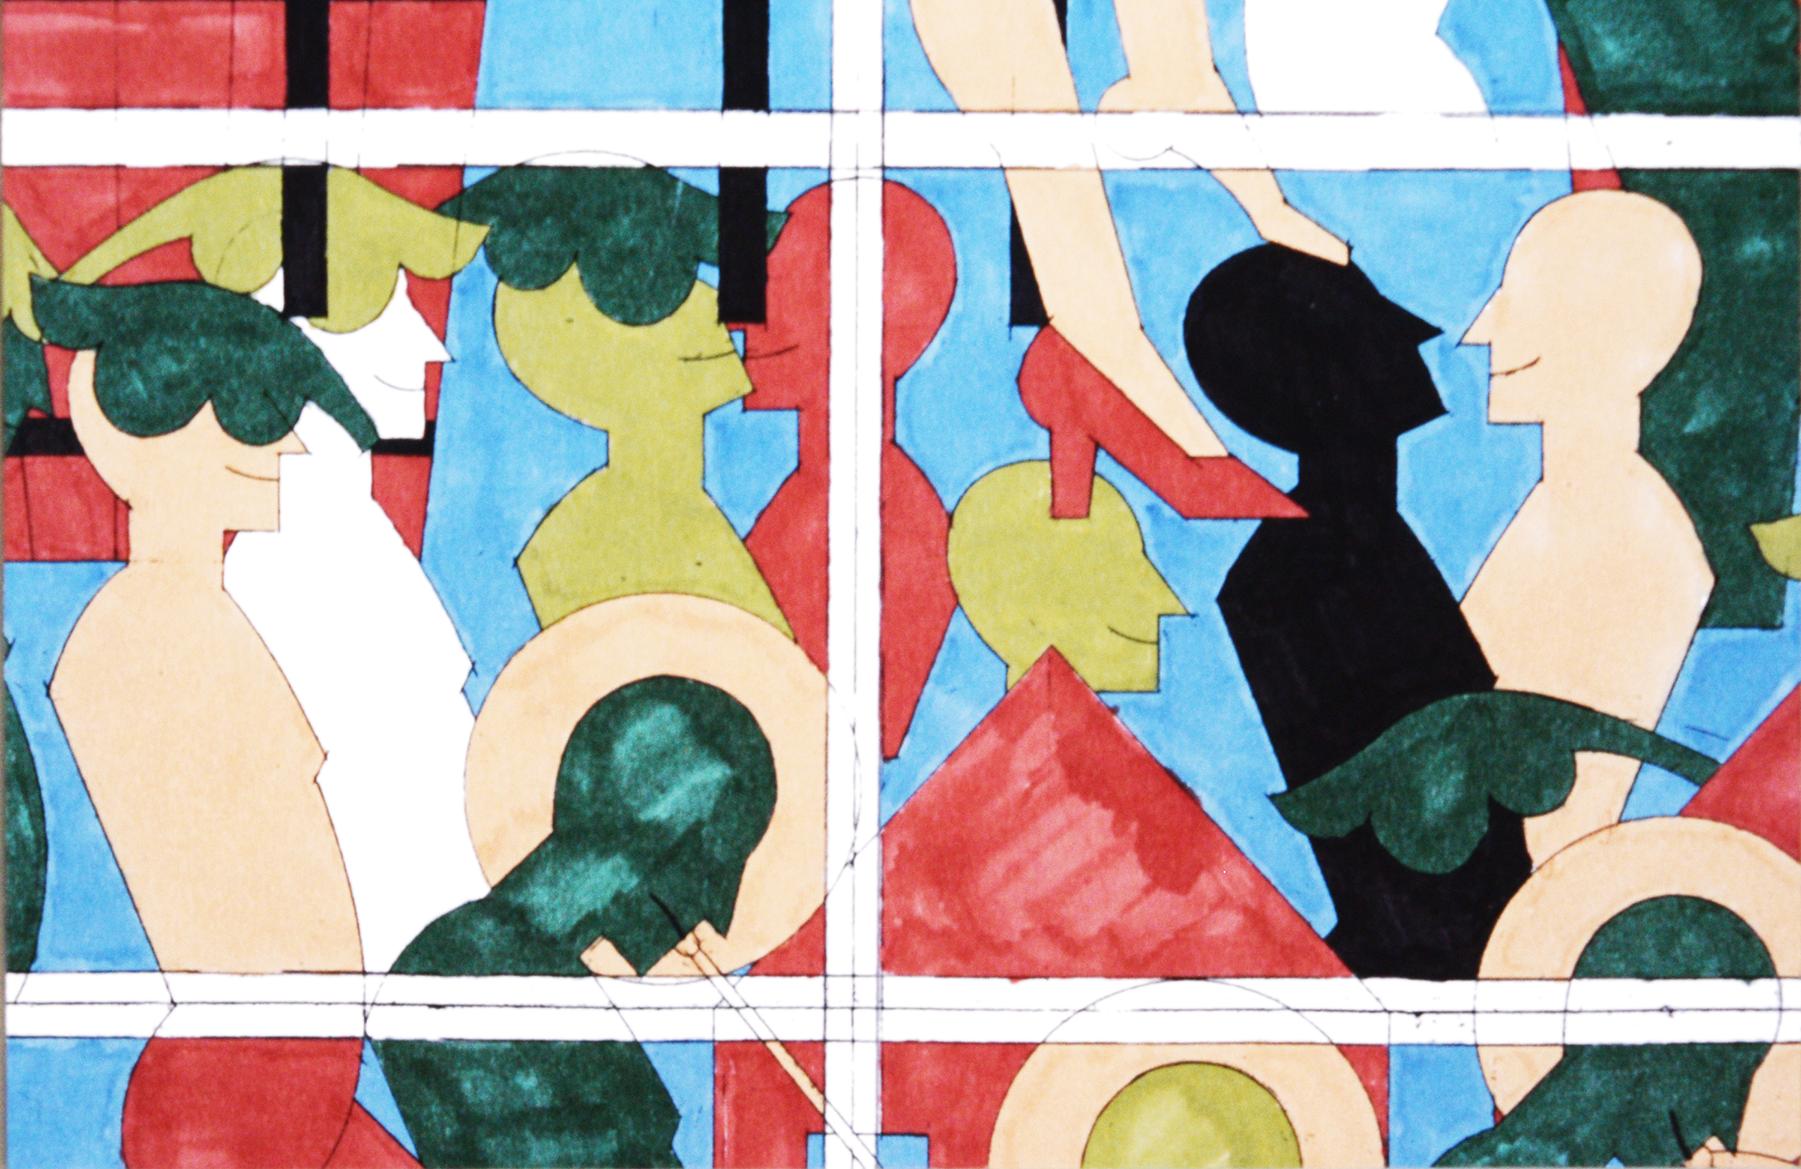 Etude pour les vitraux, 1999 - Foto Hadler/Stuhr